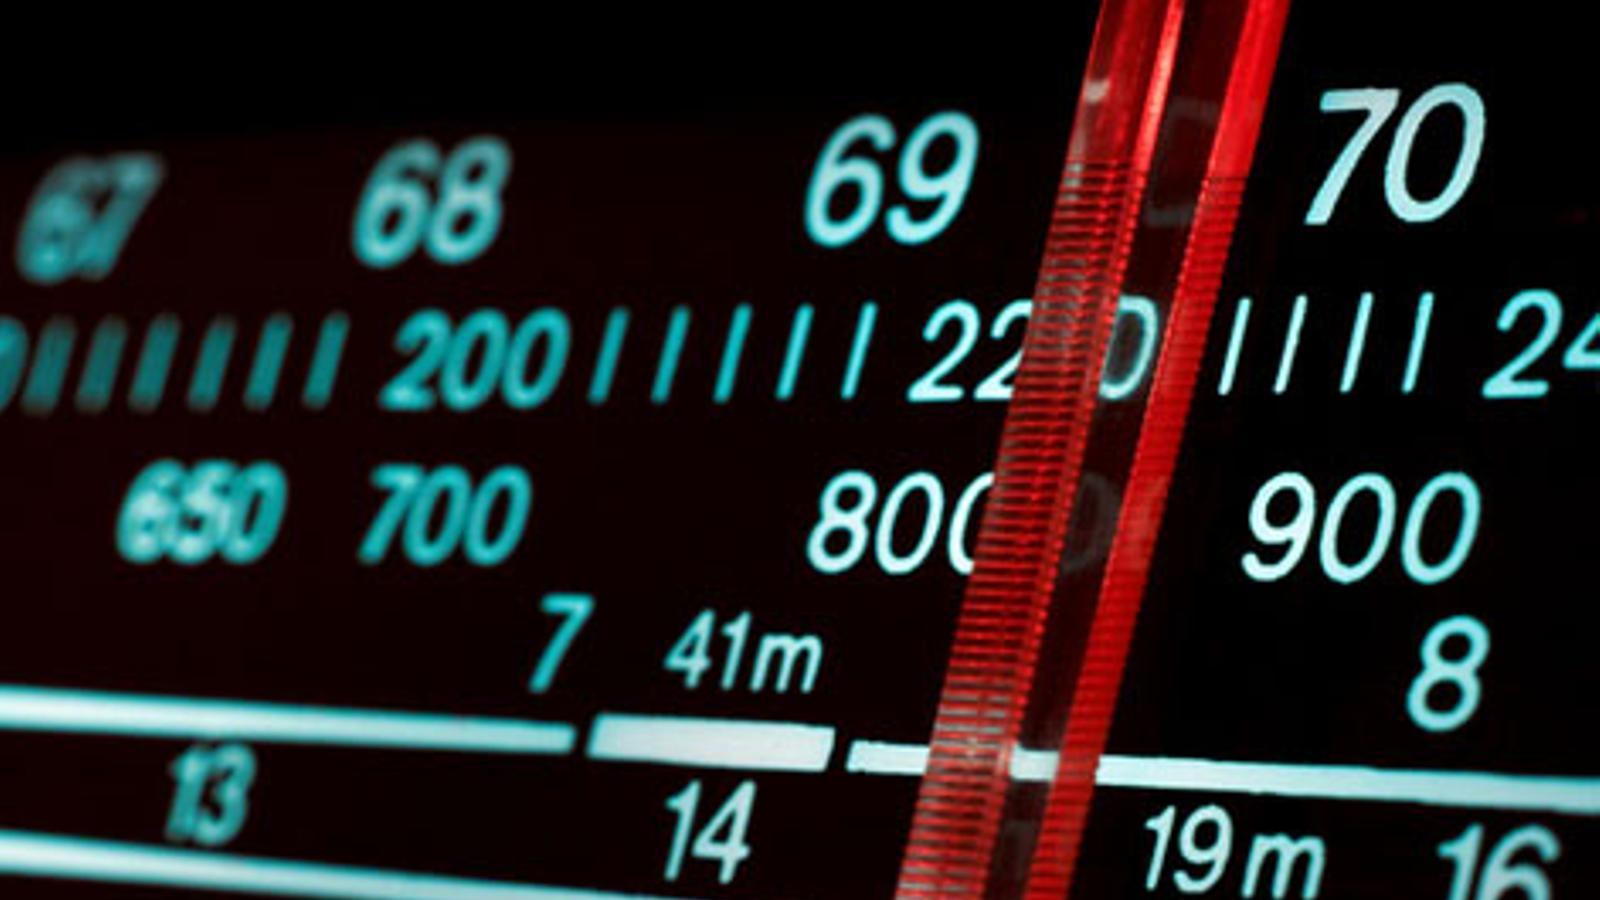 ràdio dial